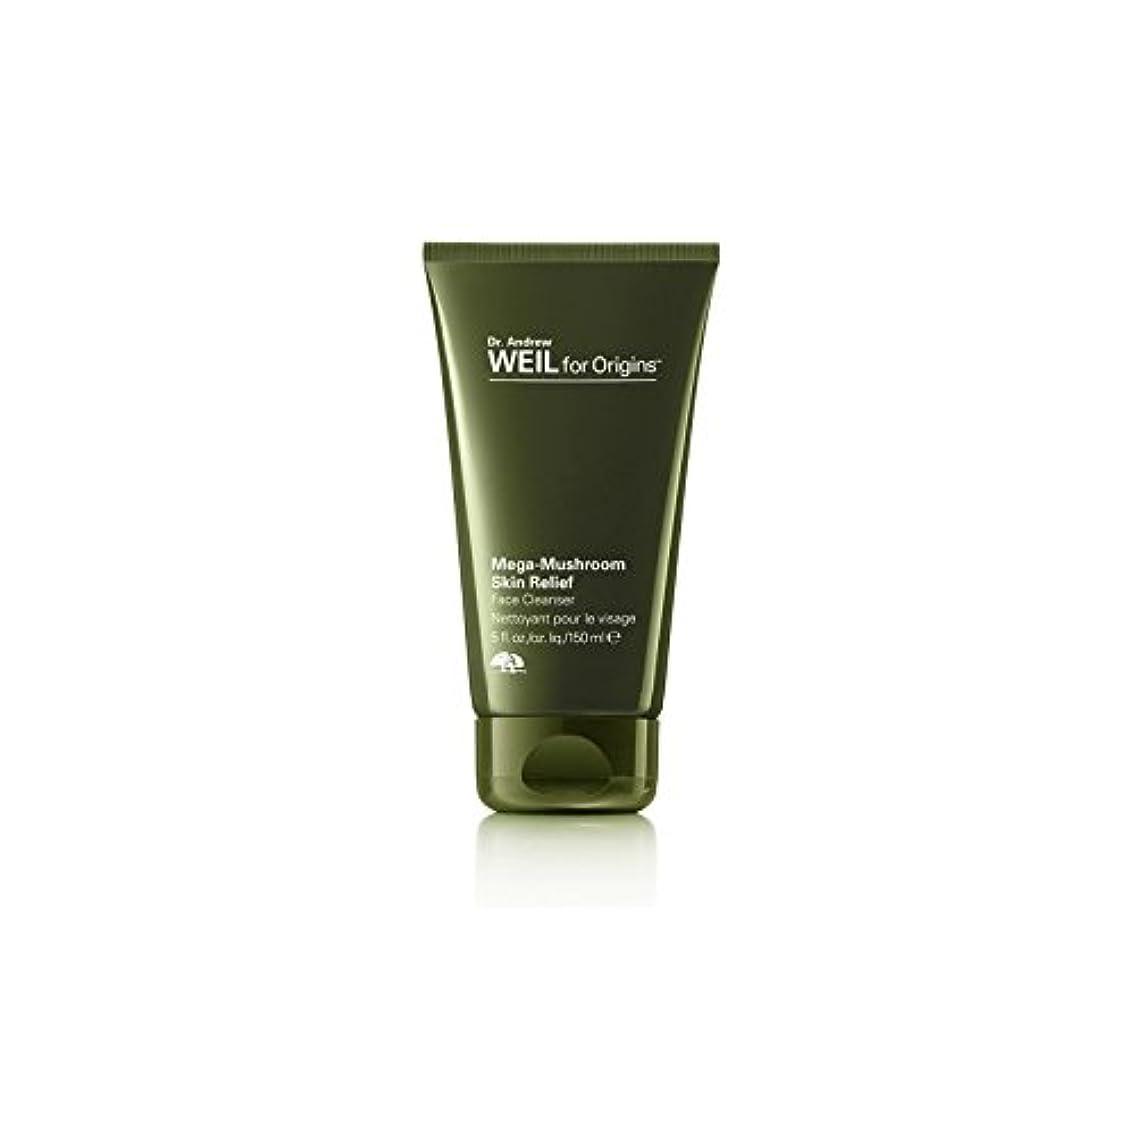 ミネラルカレンダー動かない起源アンドルー?ワイル起源メガキノコ皮膚救済顔クレンザー150ミリリットルのために x2 - Origins Dr. Andrew Weil For Origins Mega-Mushroom Skin Relief Face...